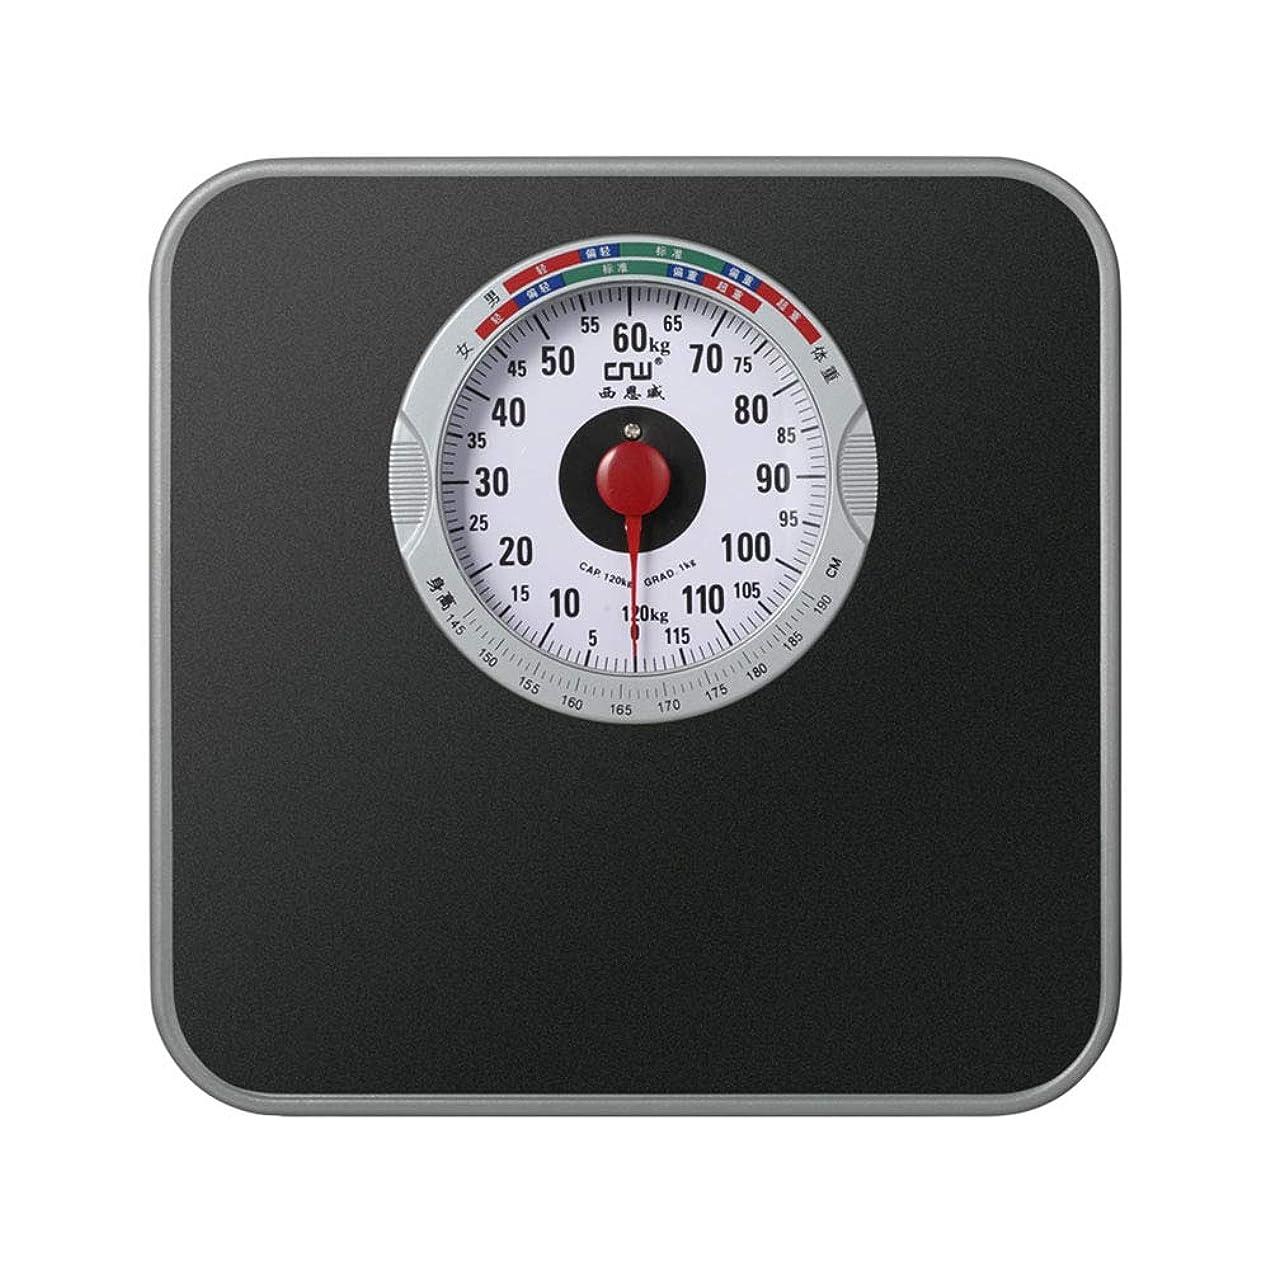 湿原魅惑的な掘る機械浴室スケール、正確な測定体重計、バッテリーなしでアナログダイヤル、滑り止めPVCベアリング120キロ